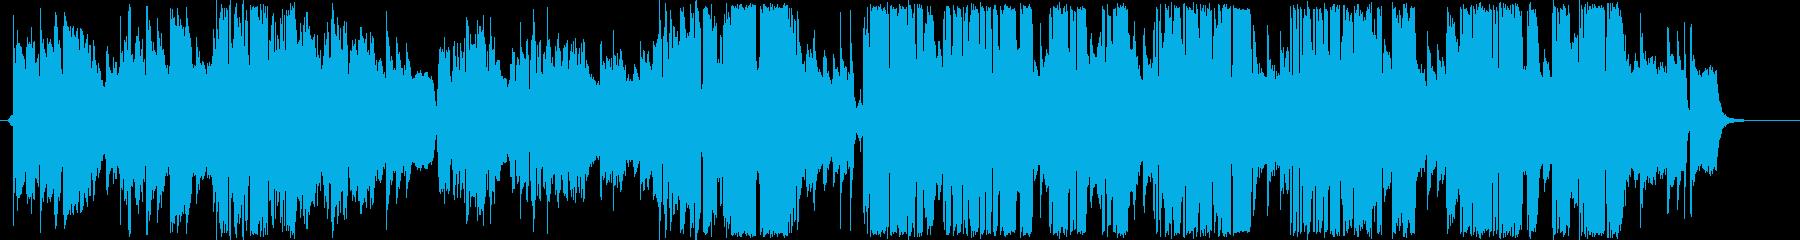 切迫した雰囲気のある弾き語りの歌モノの再生済みの波形